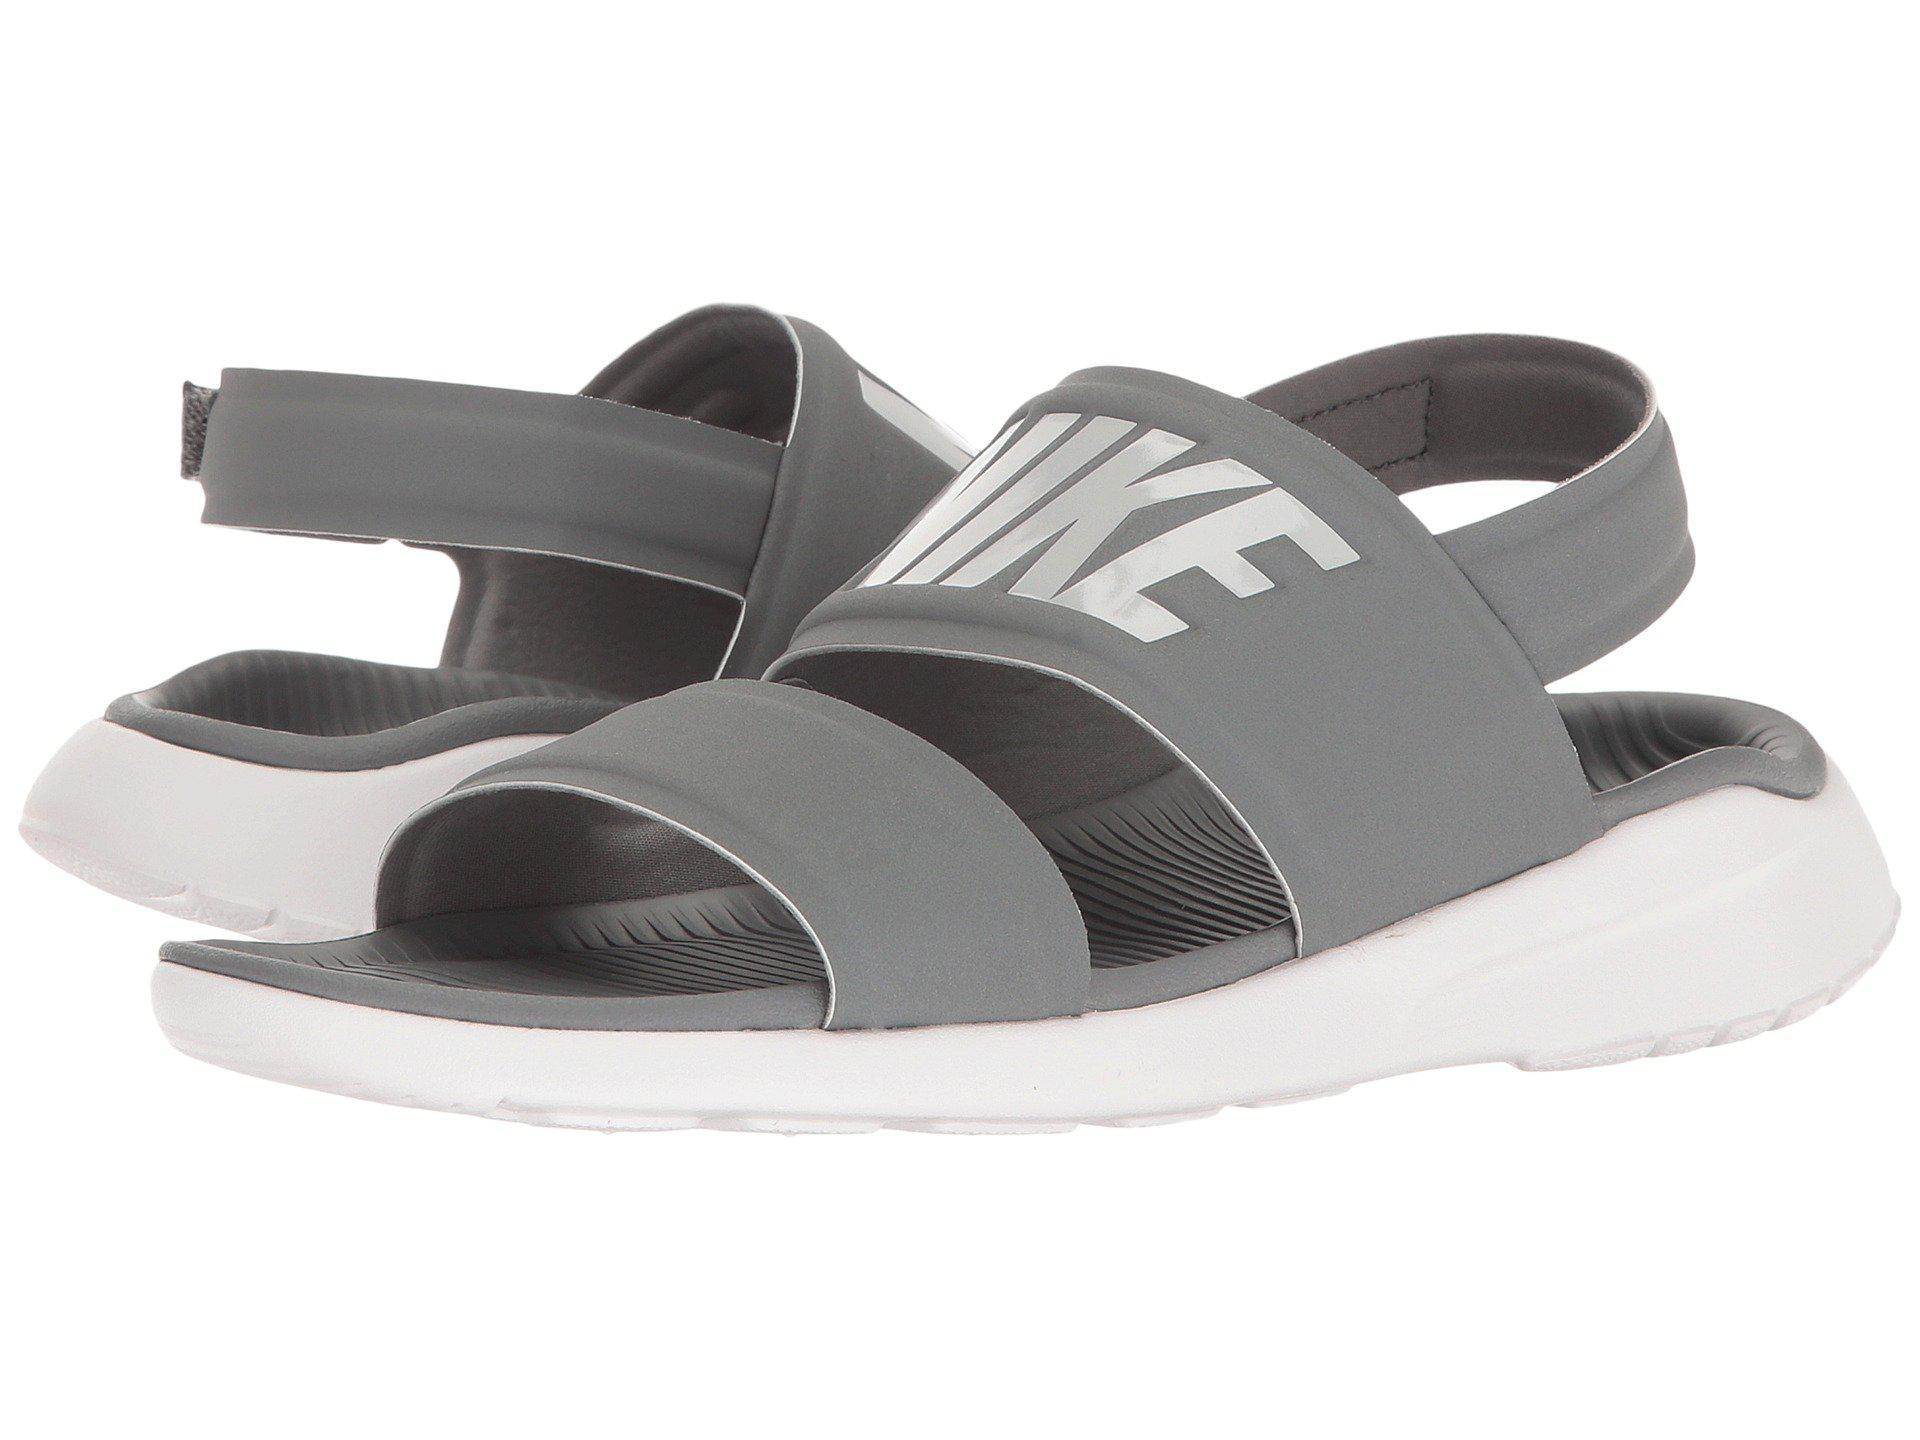 a3508c7626de Lyst - Nike Tanjun Sandal (black black white) Women s Shoes in Gray